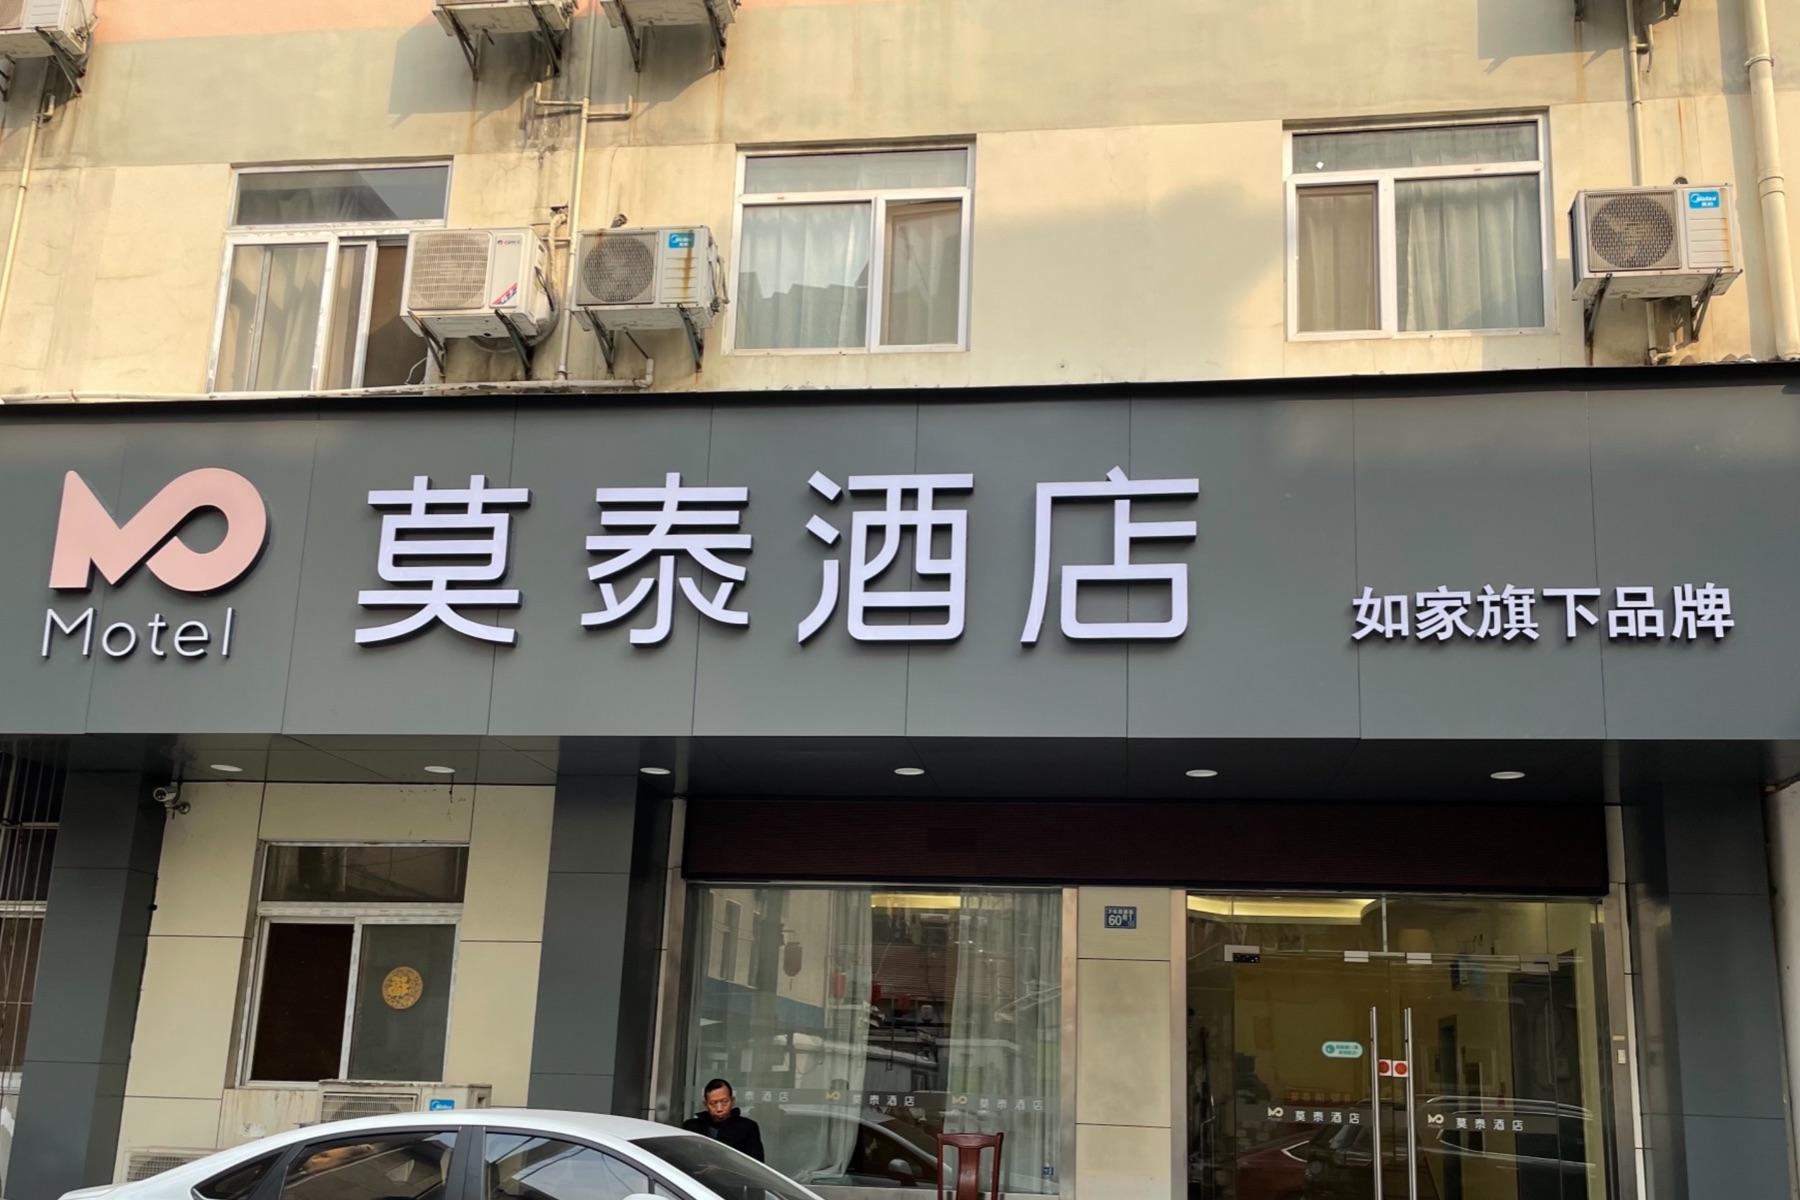 莫泰-武汉同济医院青年路地铁站店